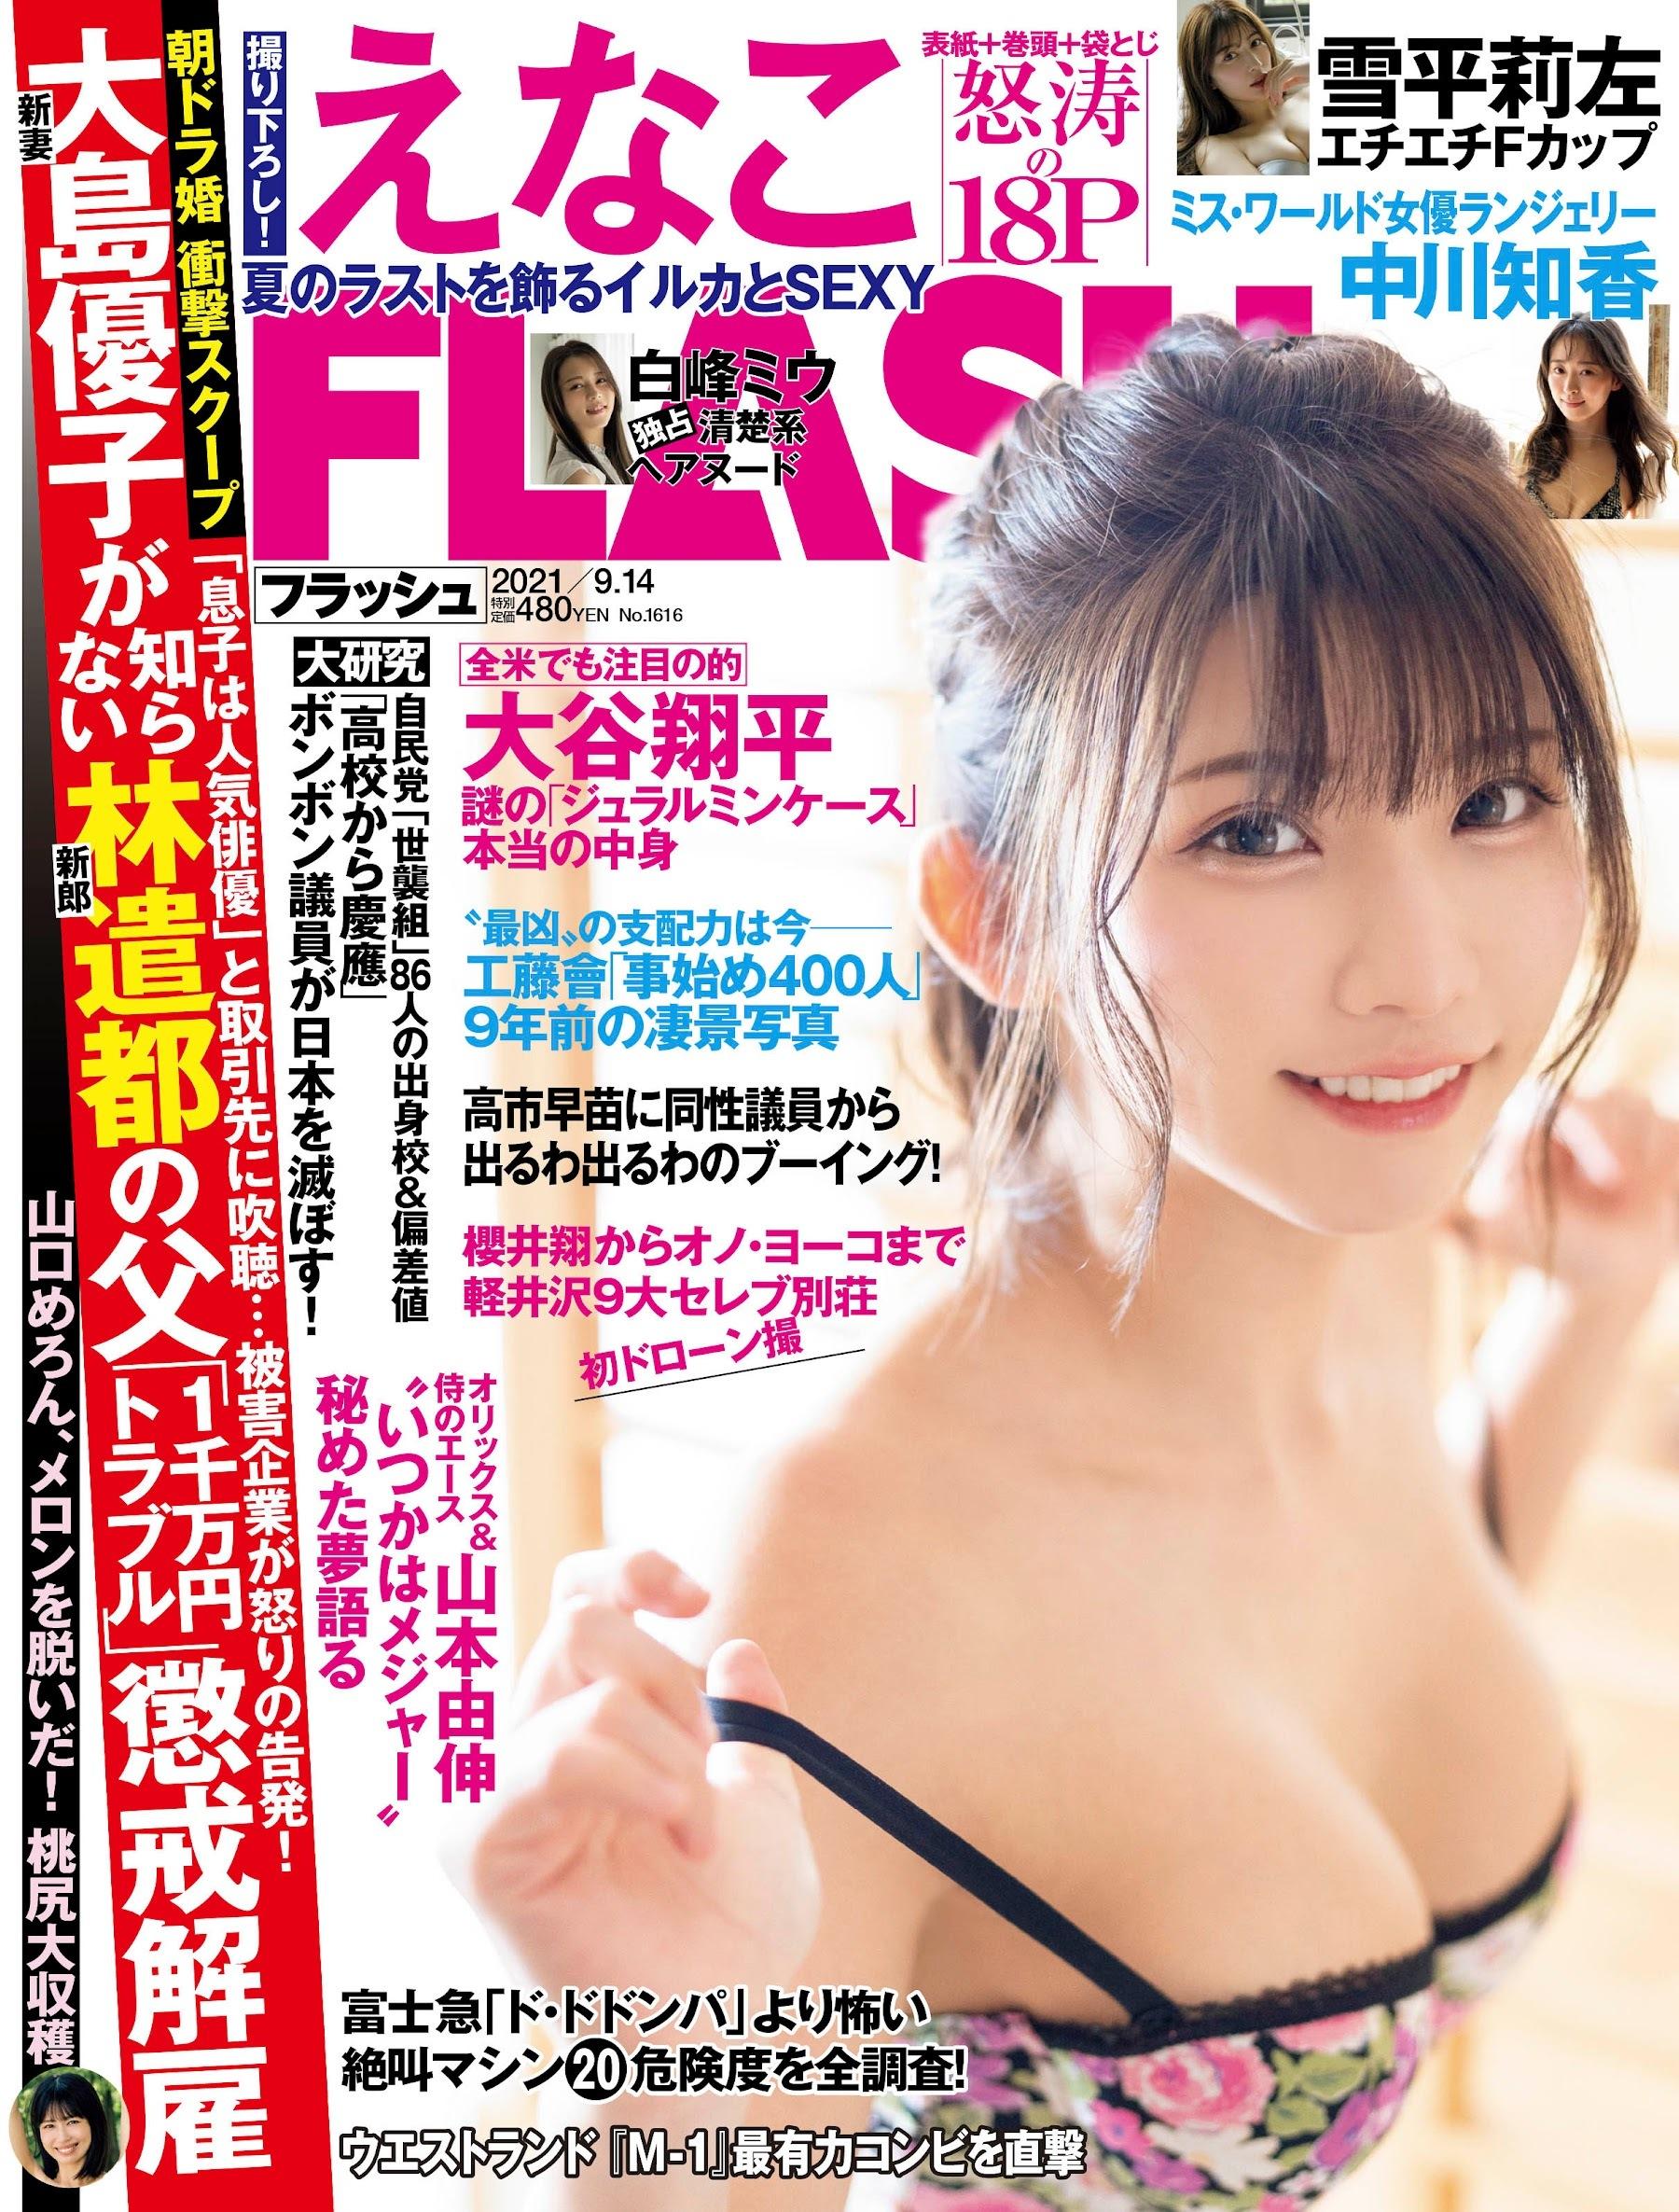 enako 雪平莉左-FLASH 2021年9月14日刊